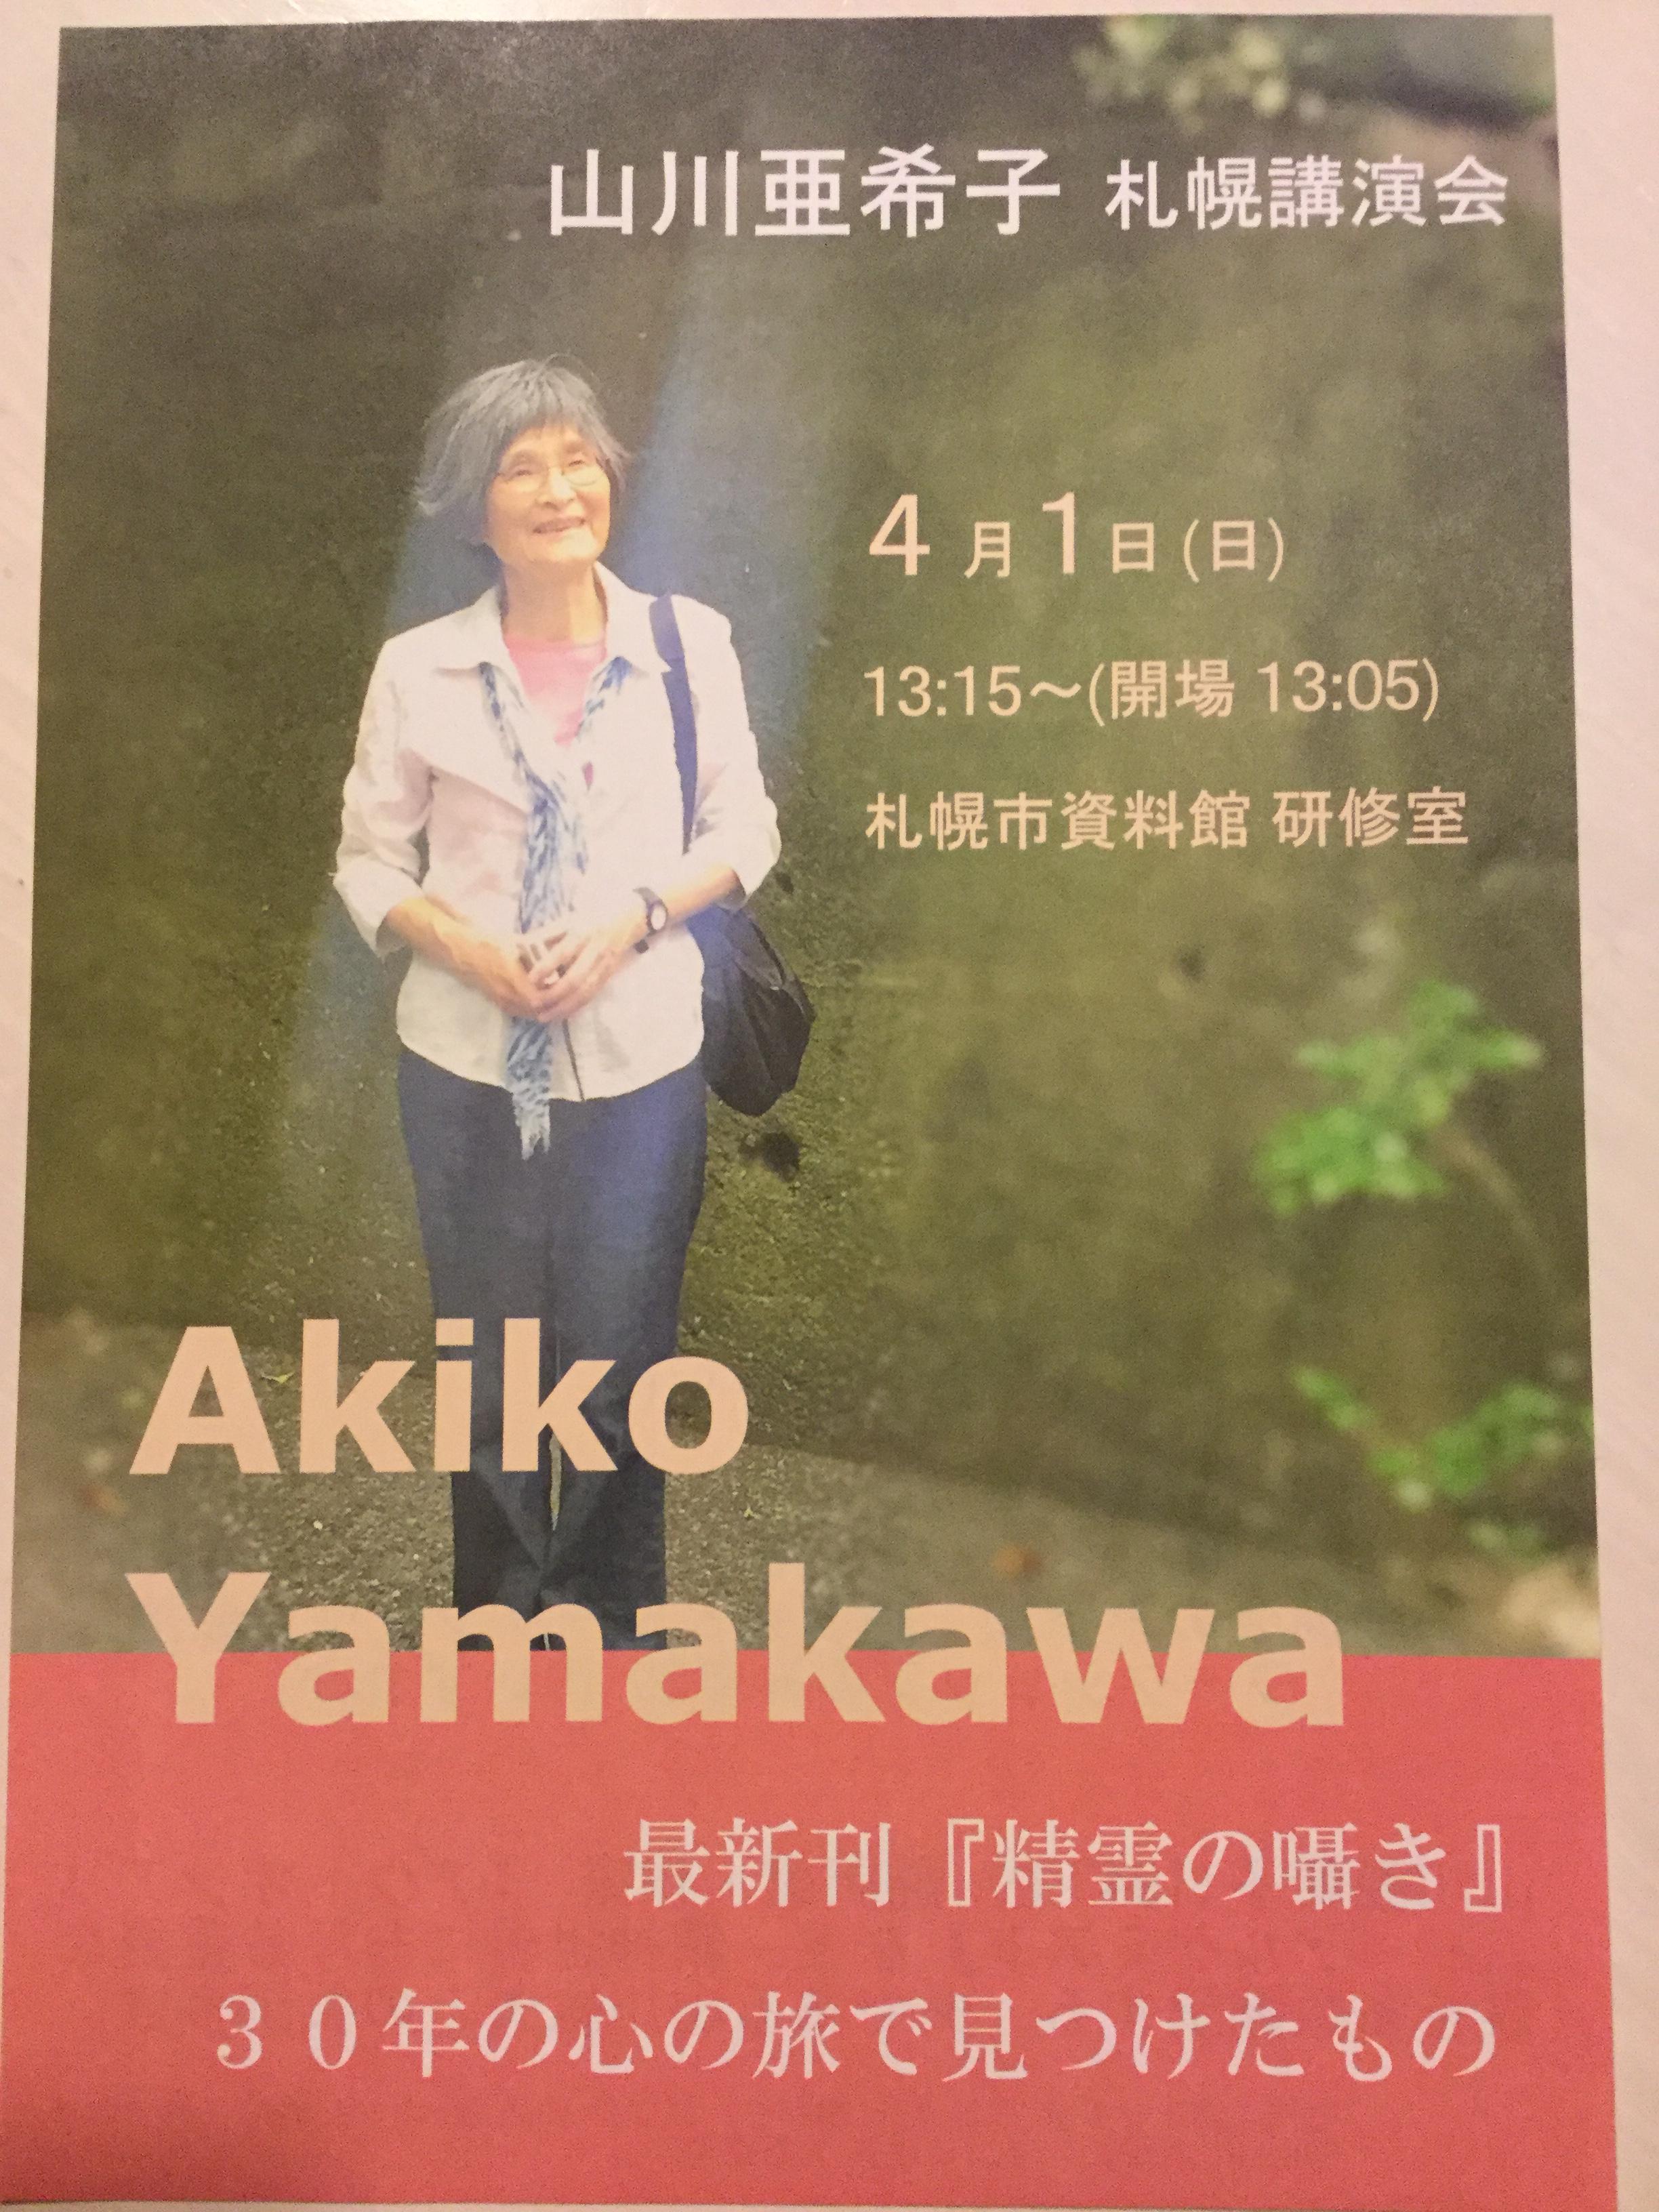 山川亜希子さんとけやき美術館と「精霊の囁き」